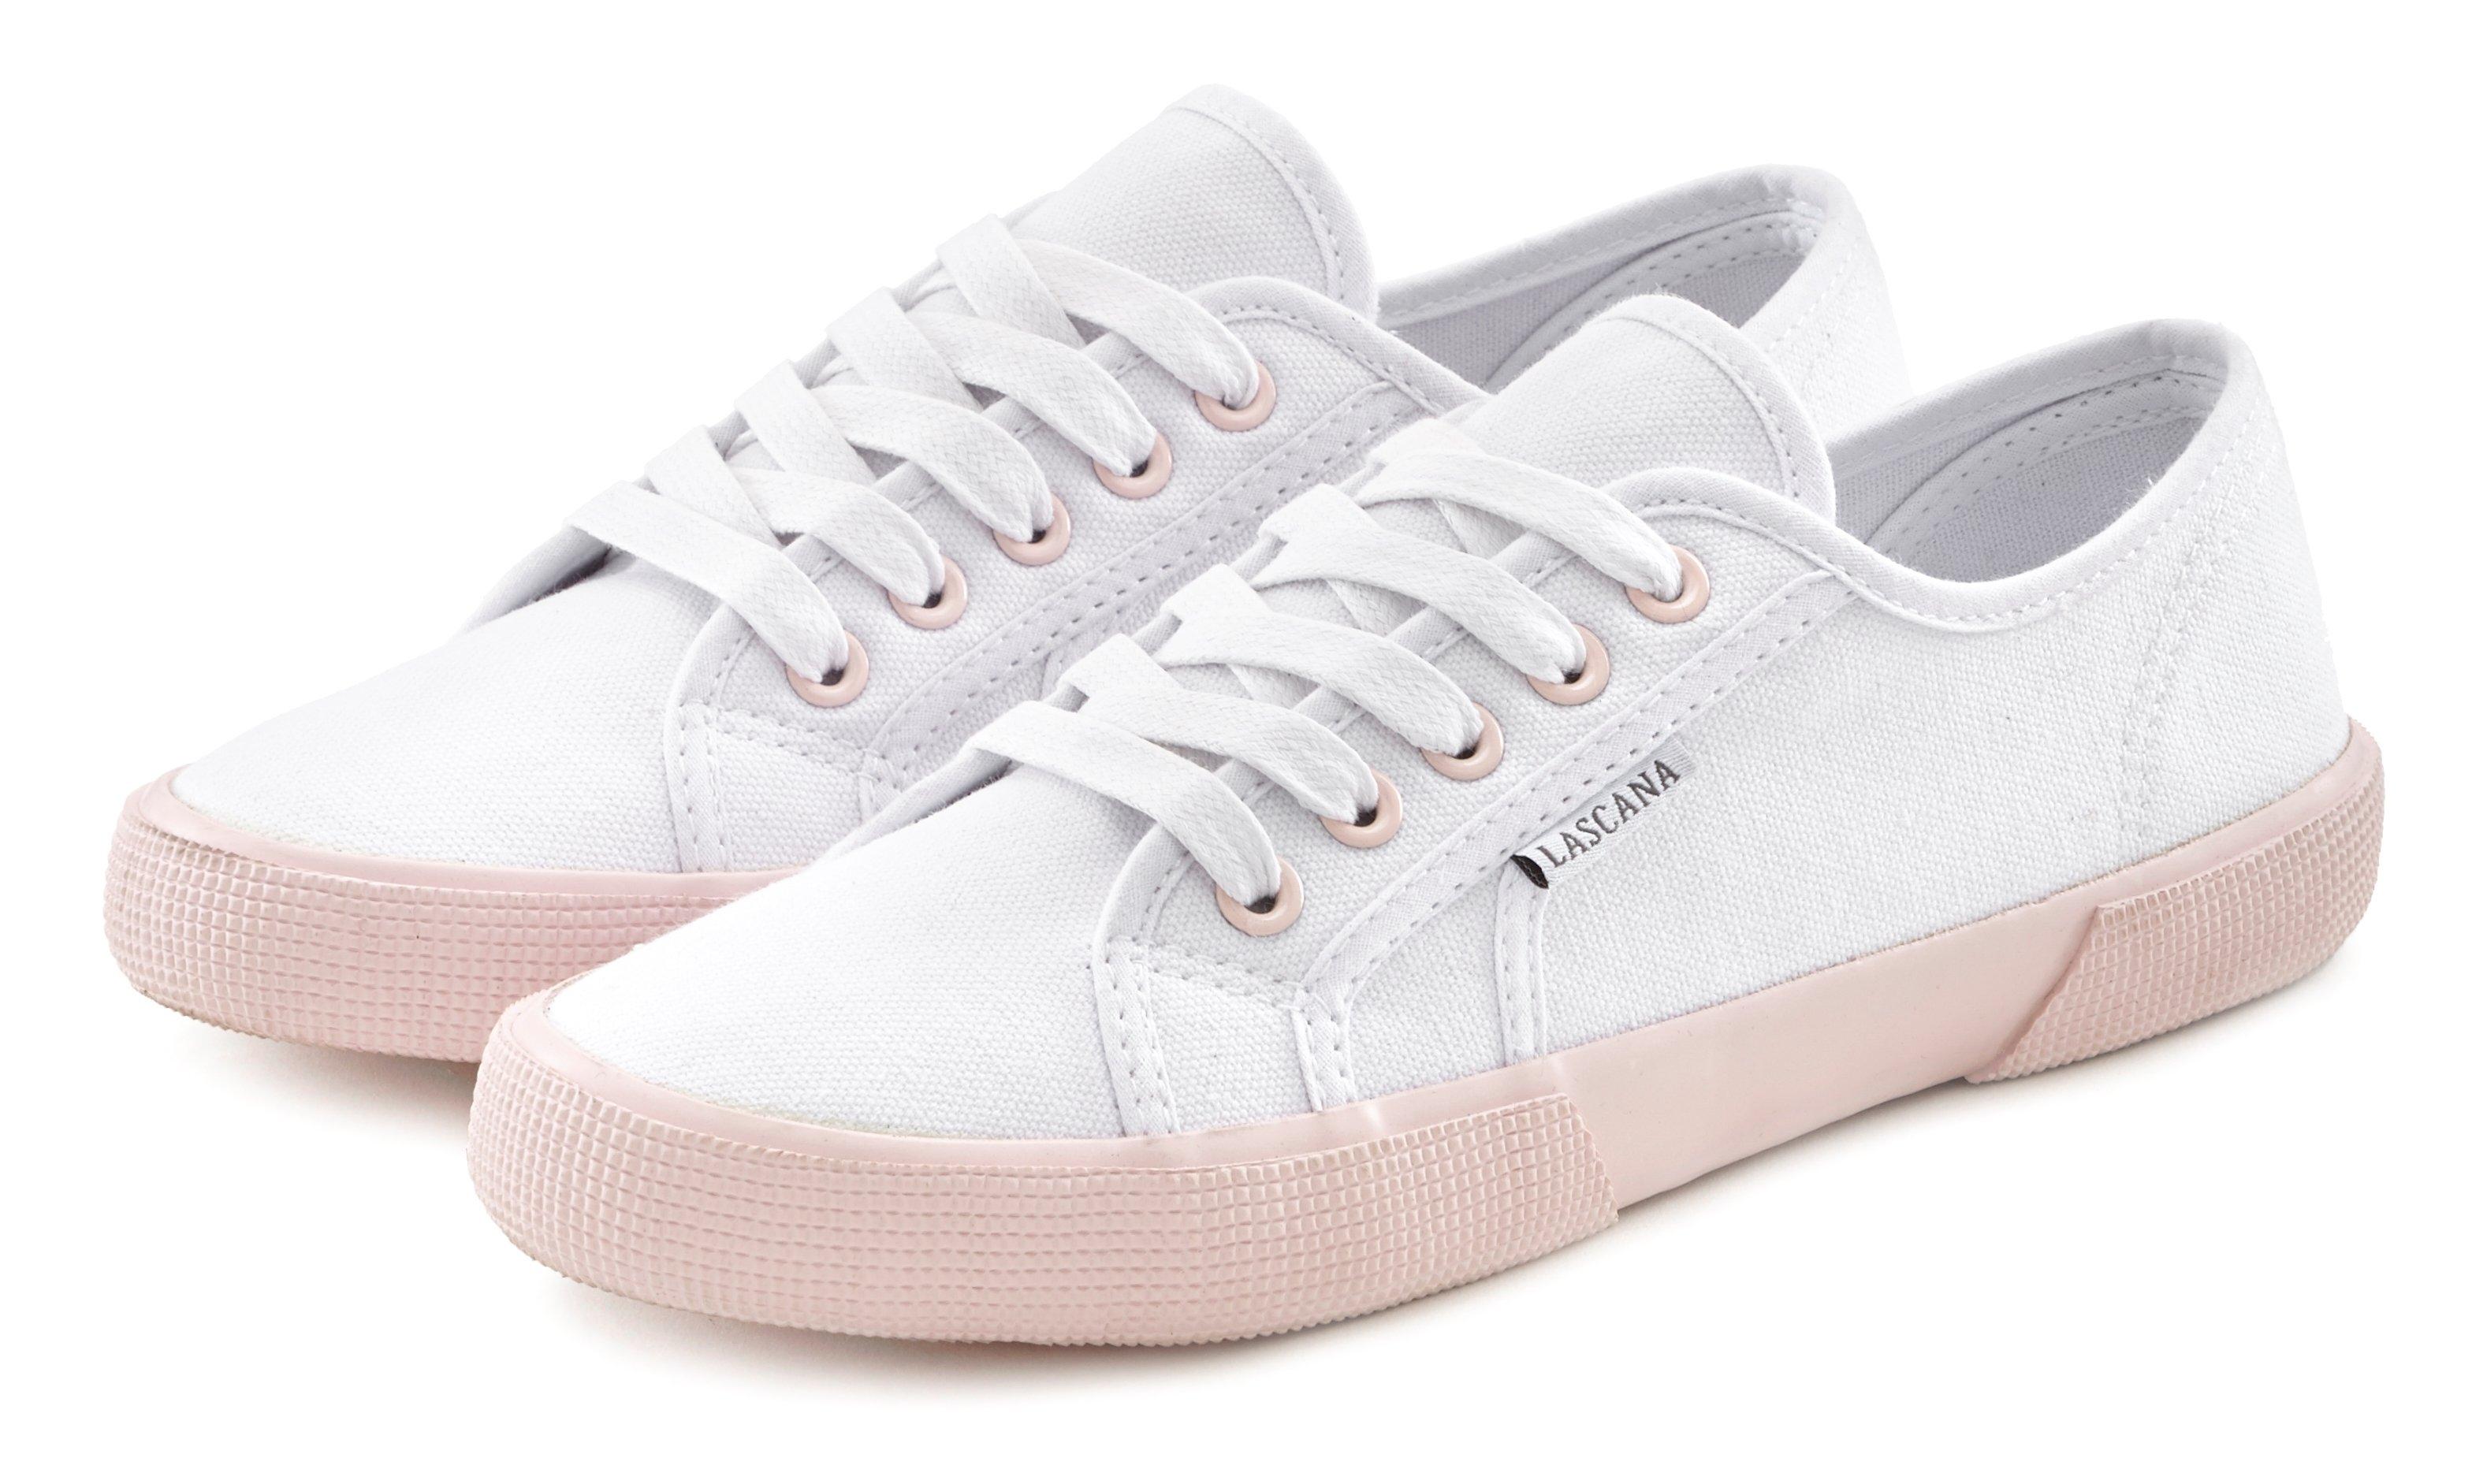 Lascana sneakers met contrastkleurige zool in de webshop van Lascana kopen